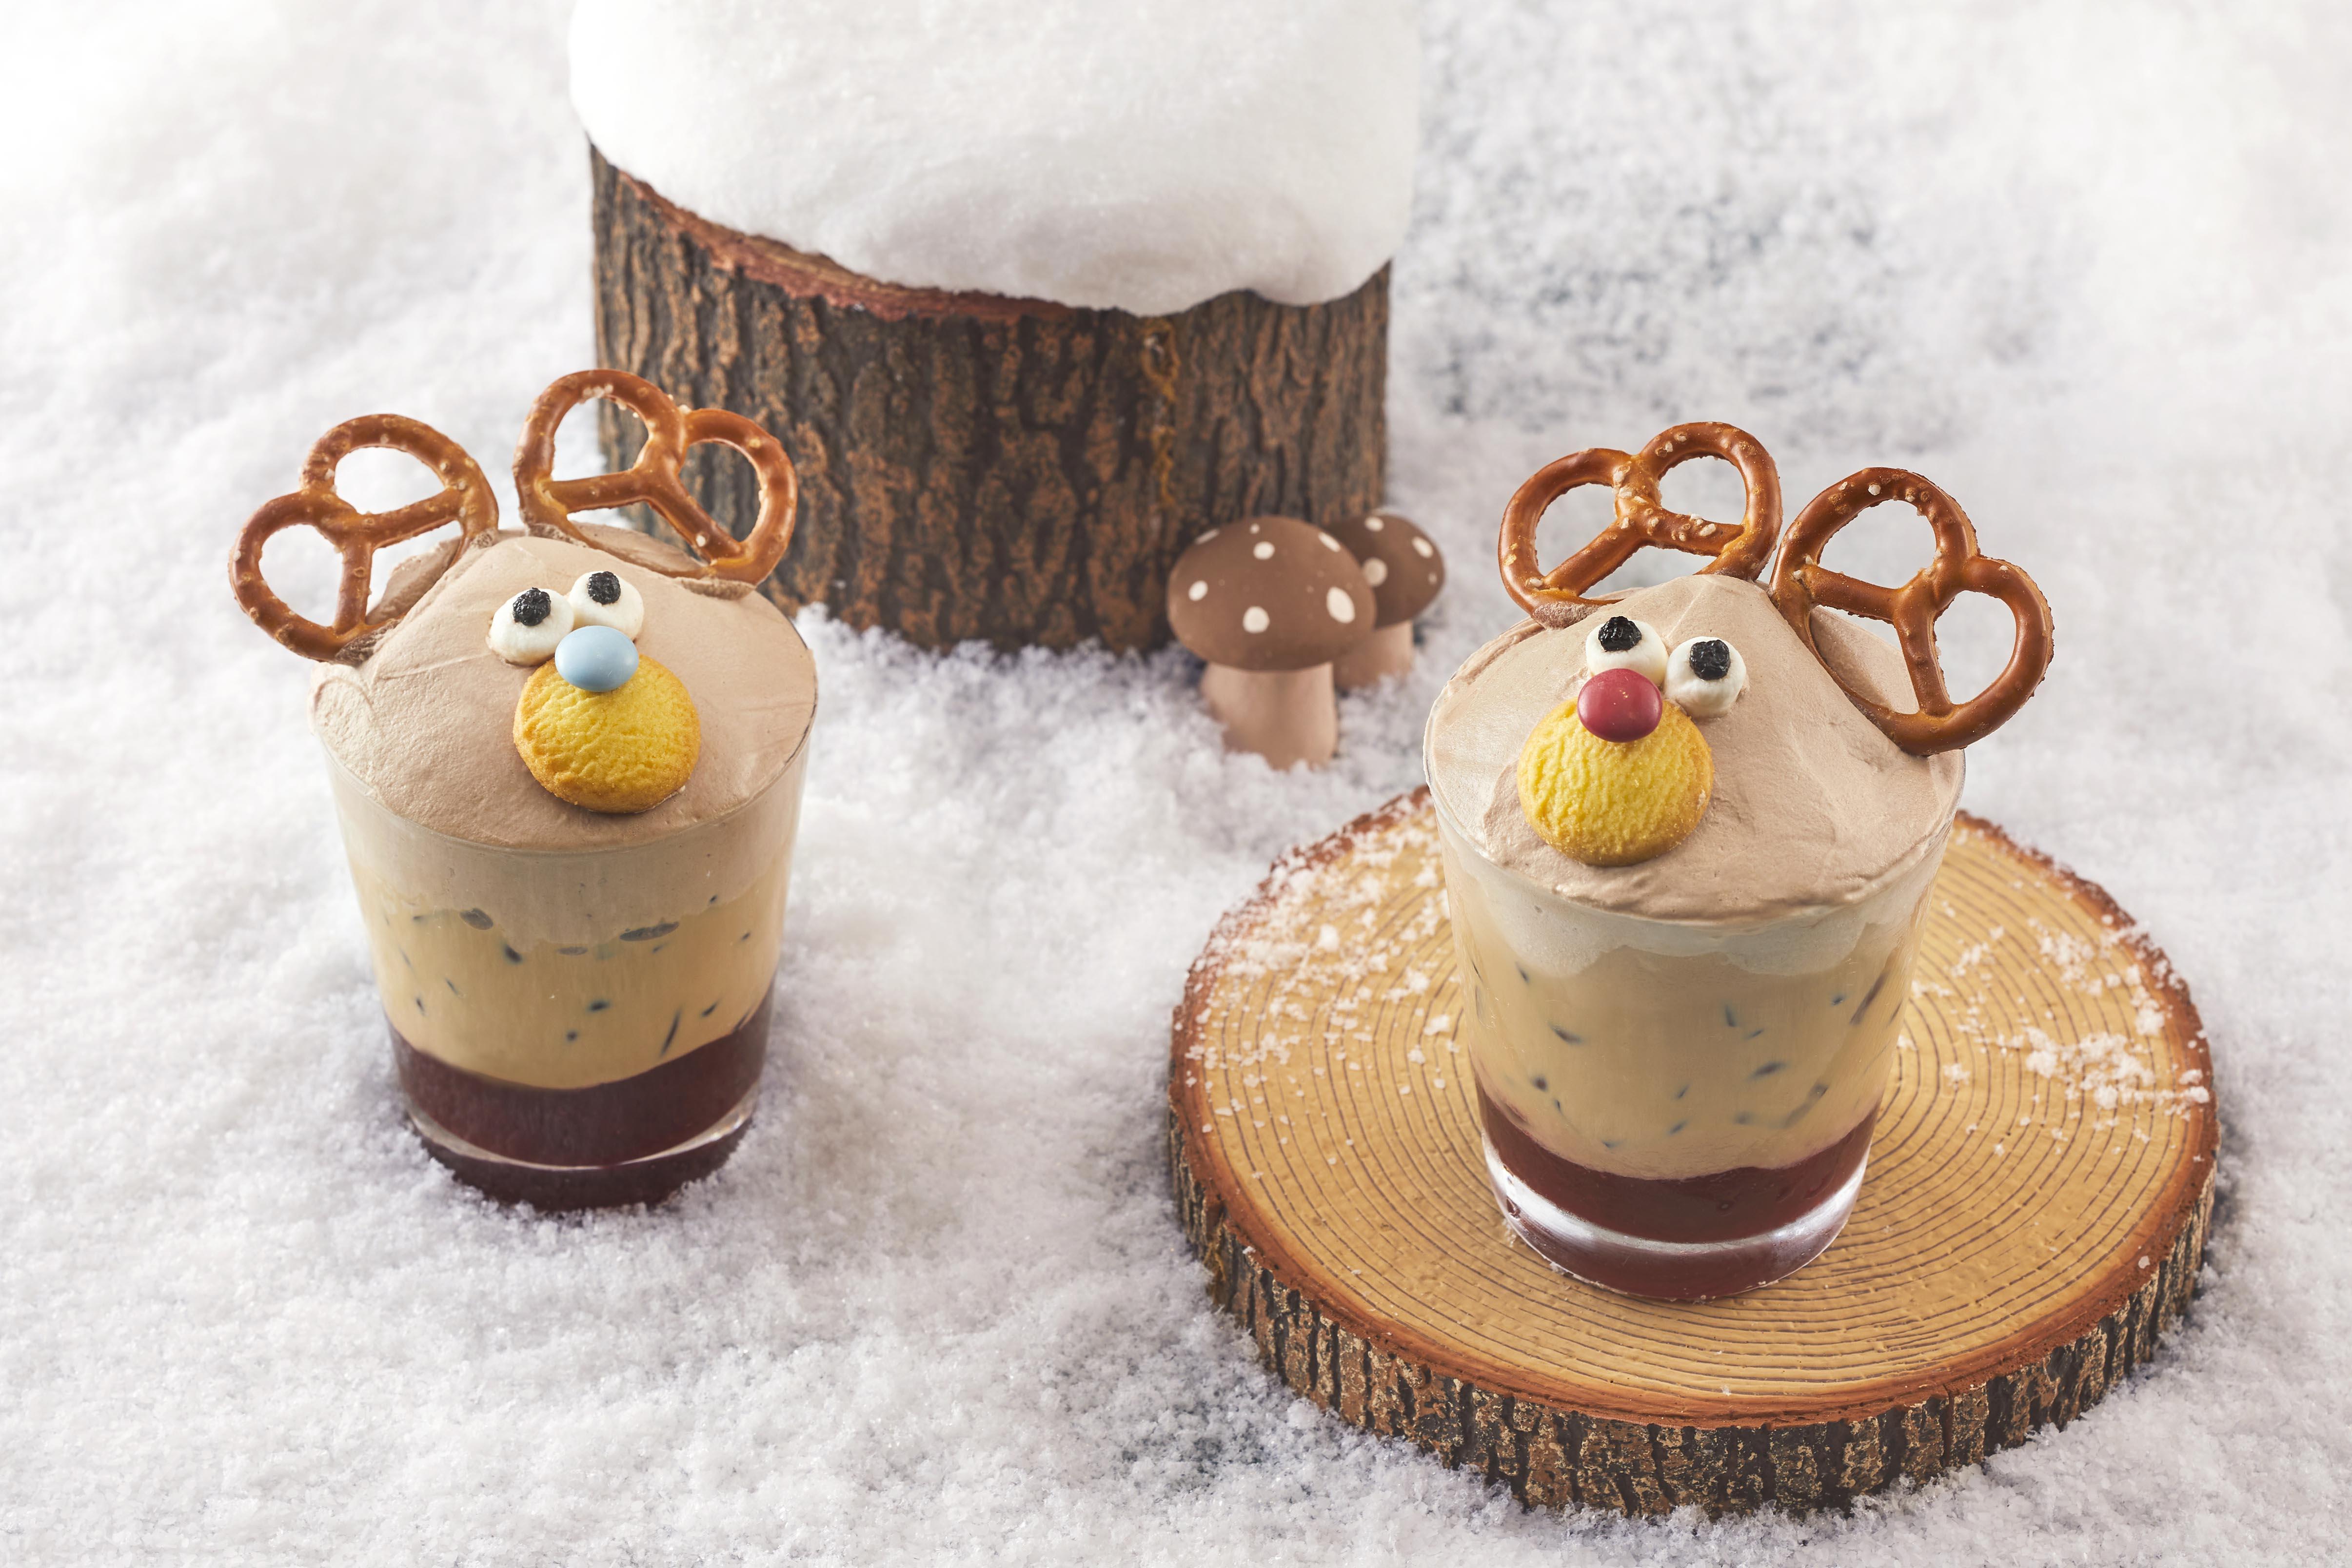 ▲リップスティックチョコレートを添えたヘーゼルナッツのホットチョコレートは、シェフがその場でデザートを仕上げる「ライブステーション」で提供